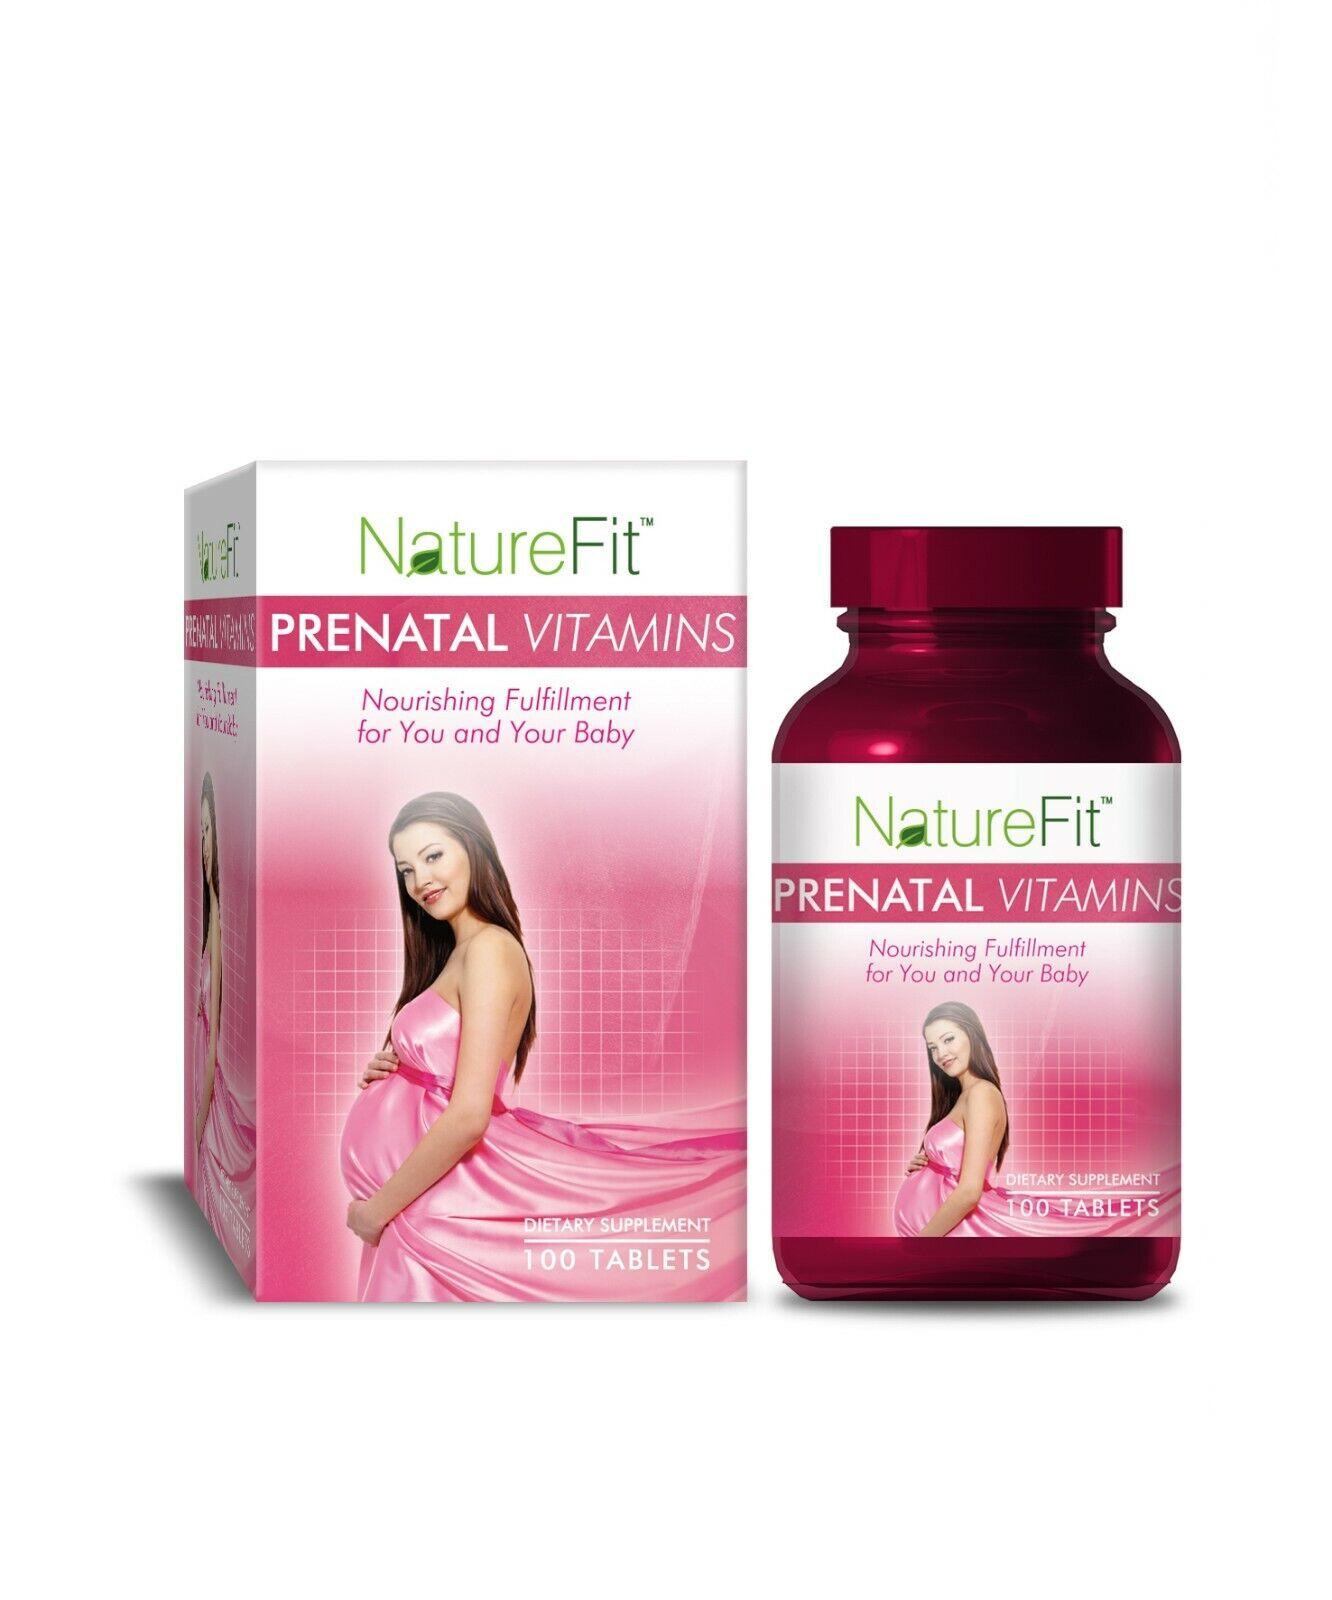 NatureFit Prenatal Vitamins 100 Tablets